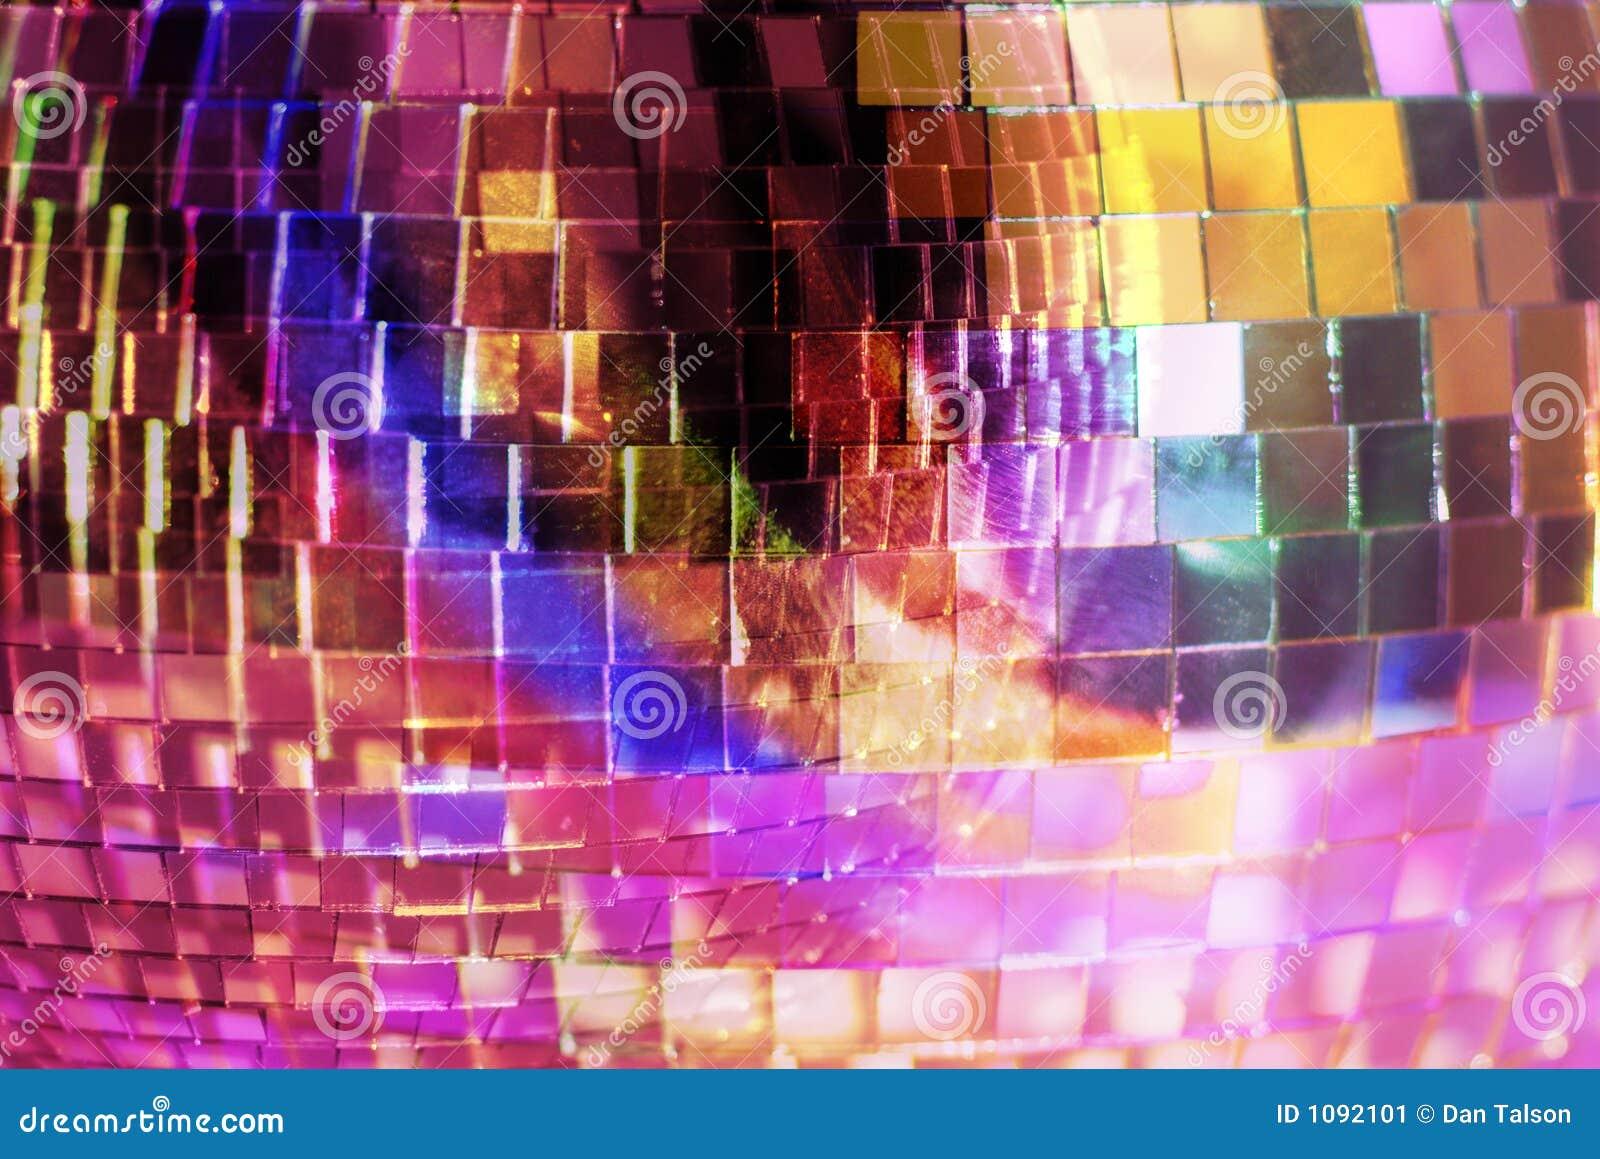 De close-up van Mirrorball